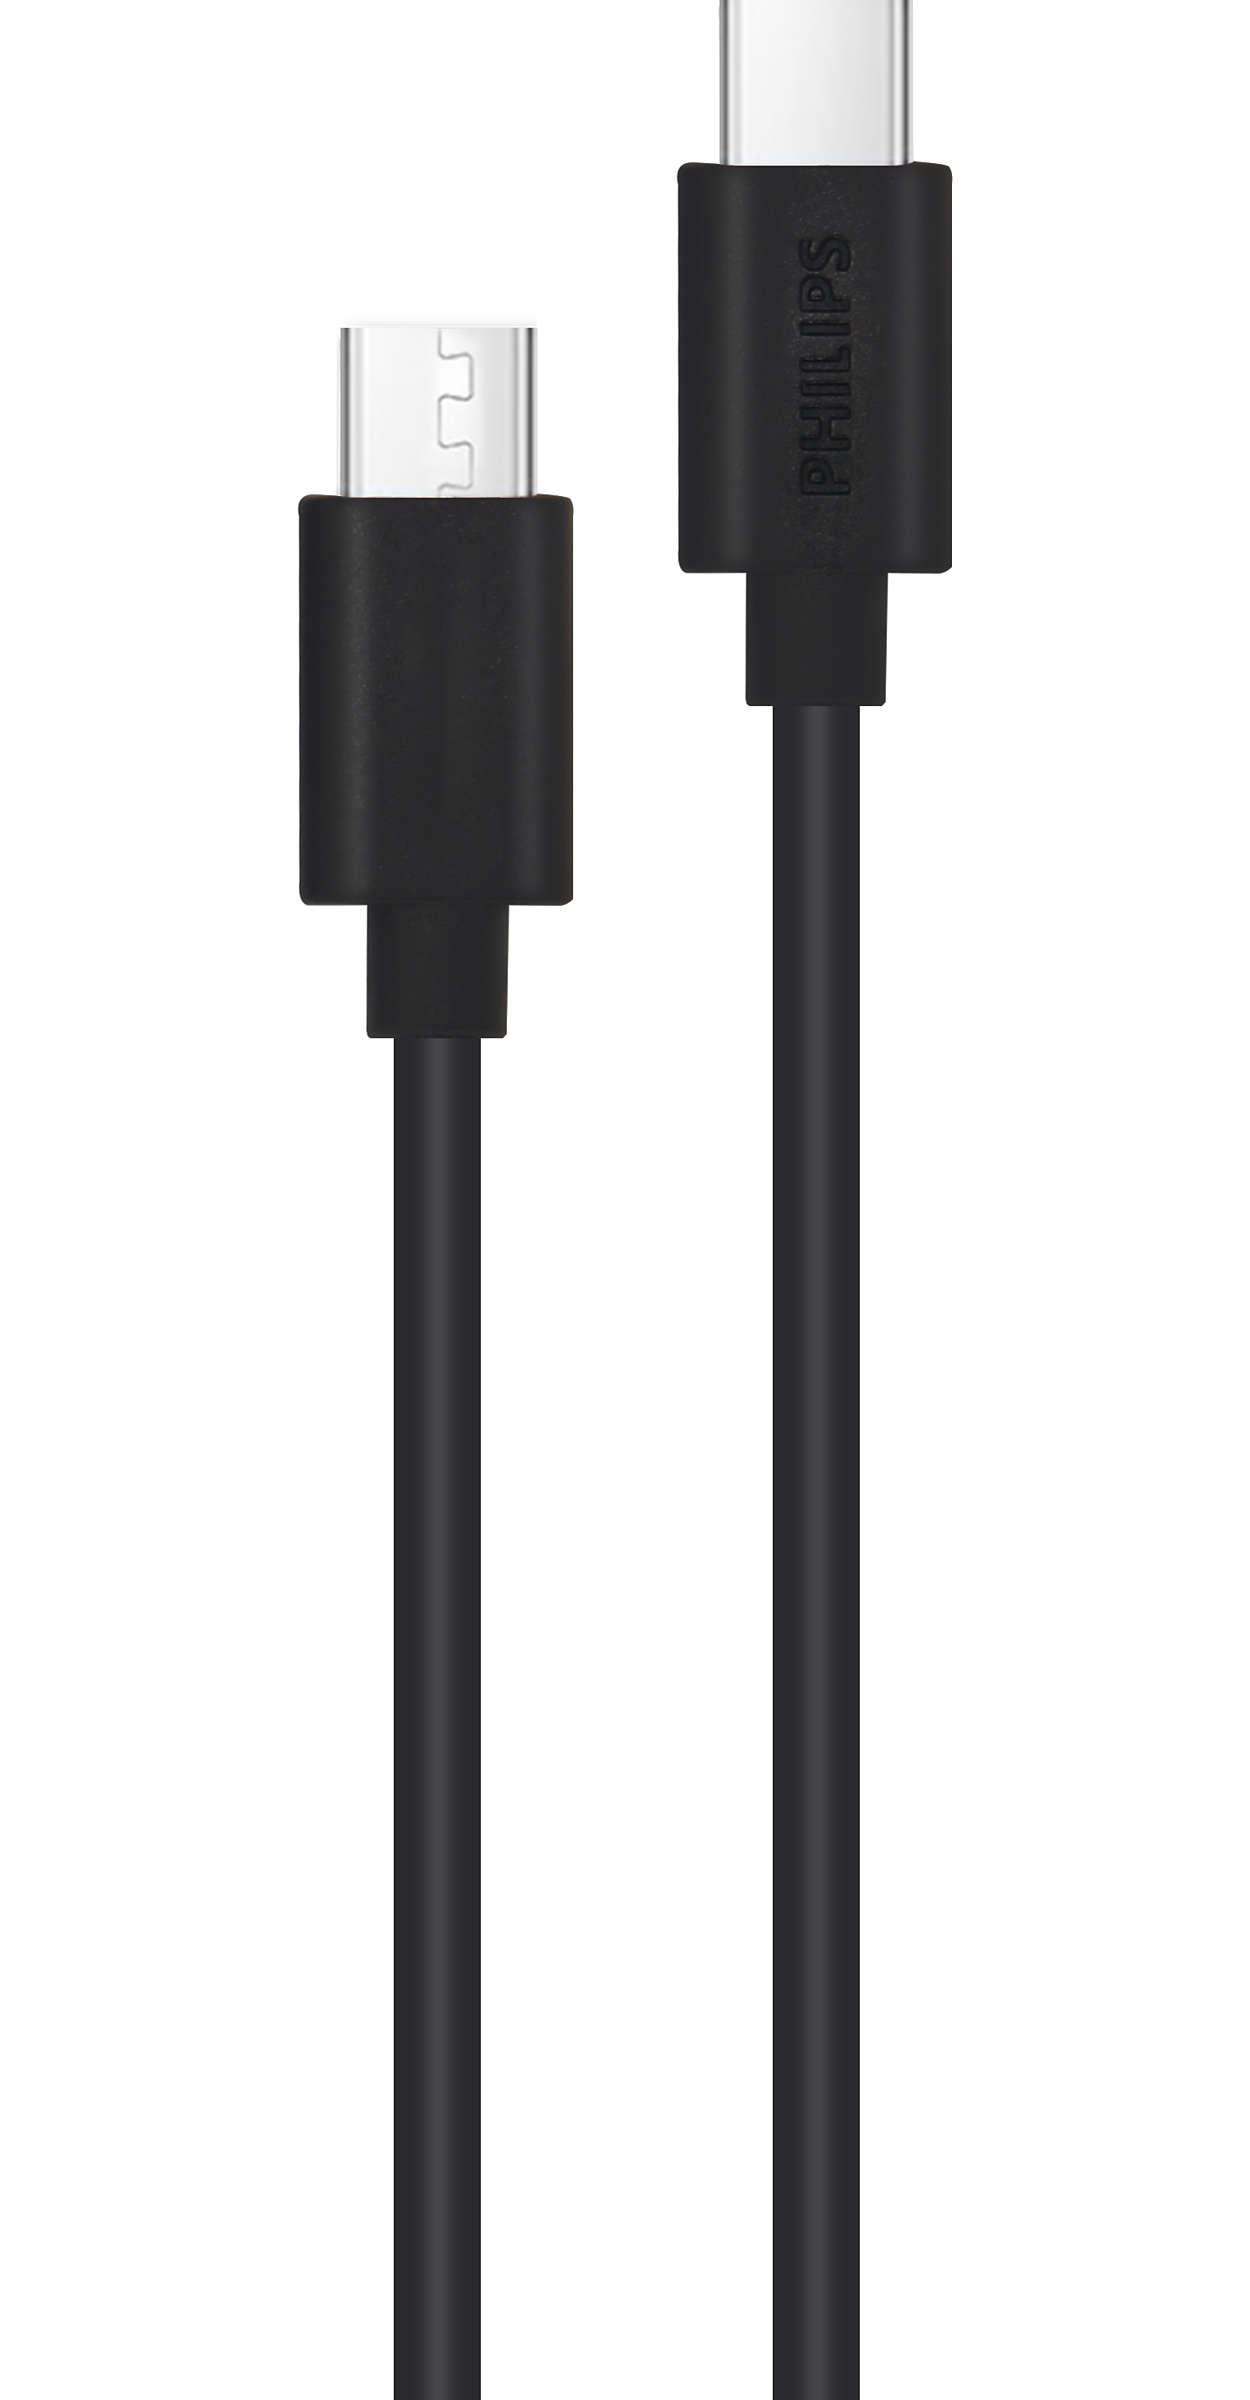 2m USB-C-til-USB-C-kabel